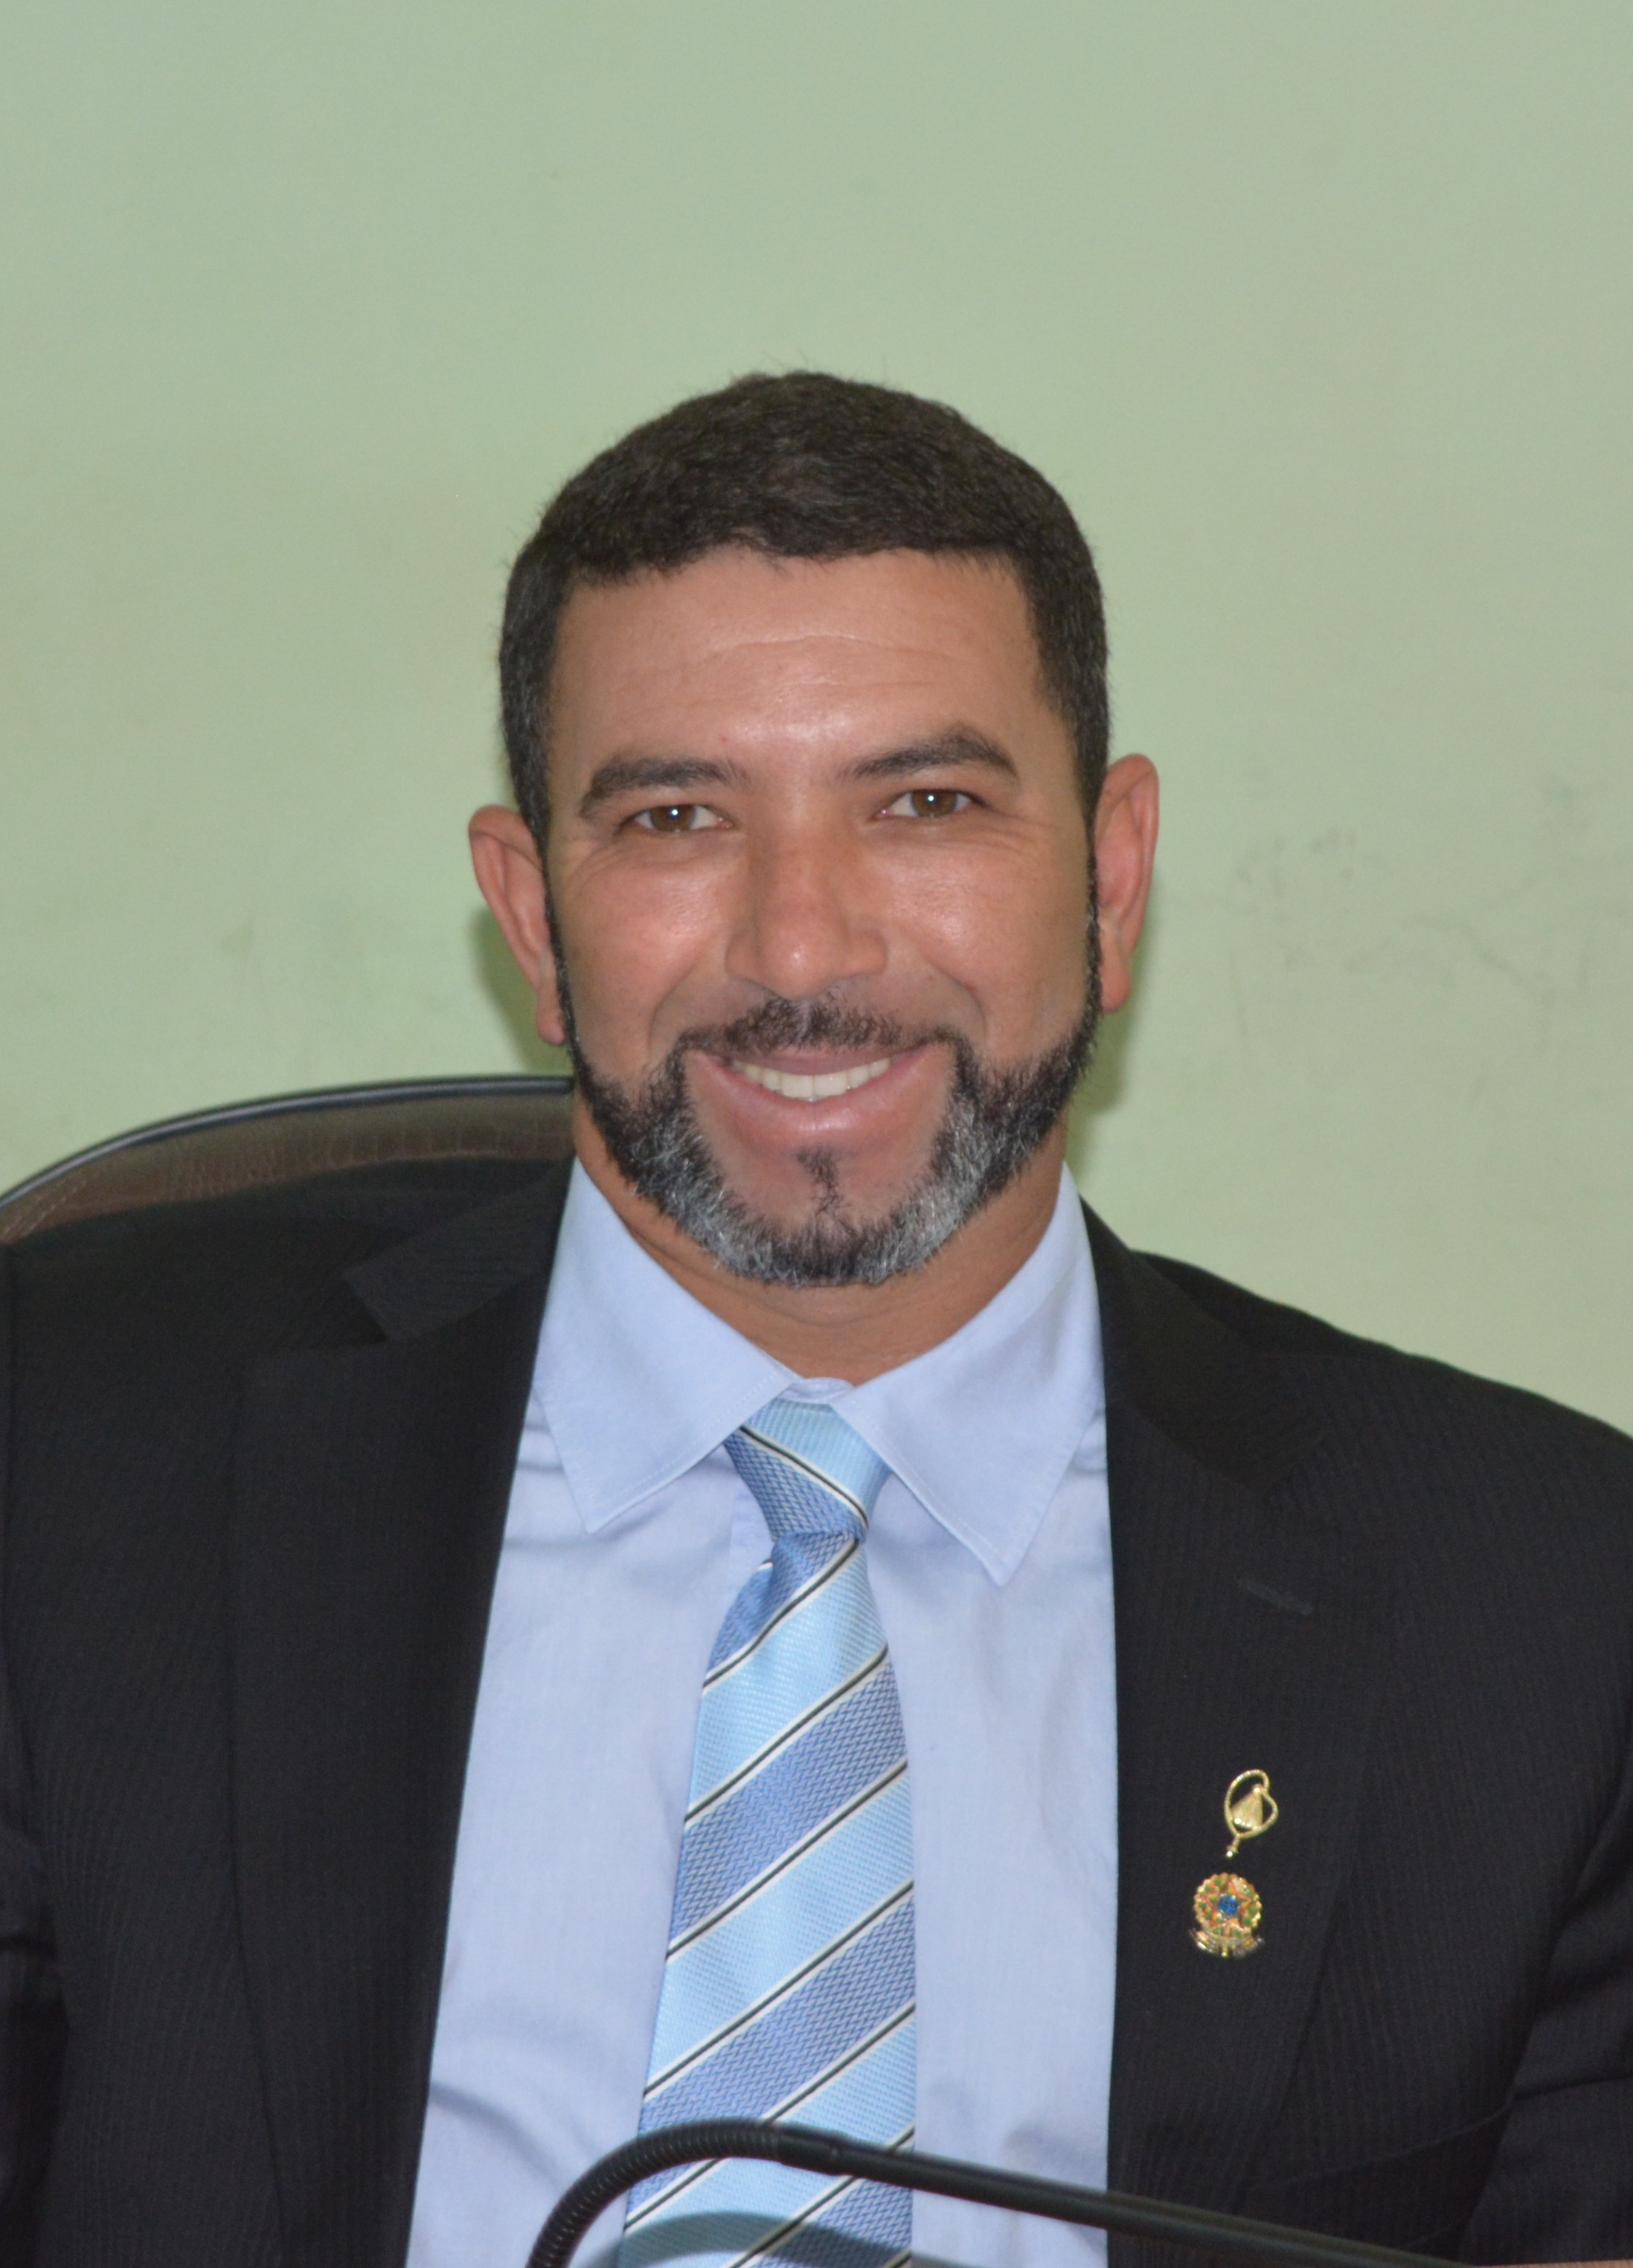 FABRÍCIO MARTINS DA SILVA